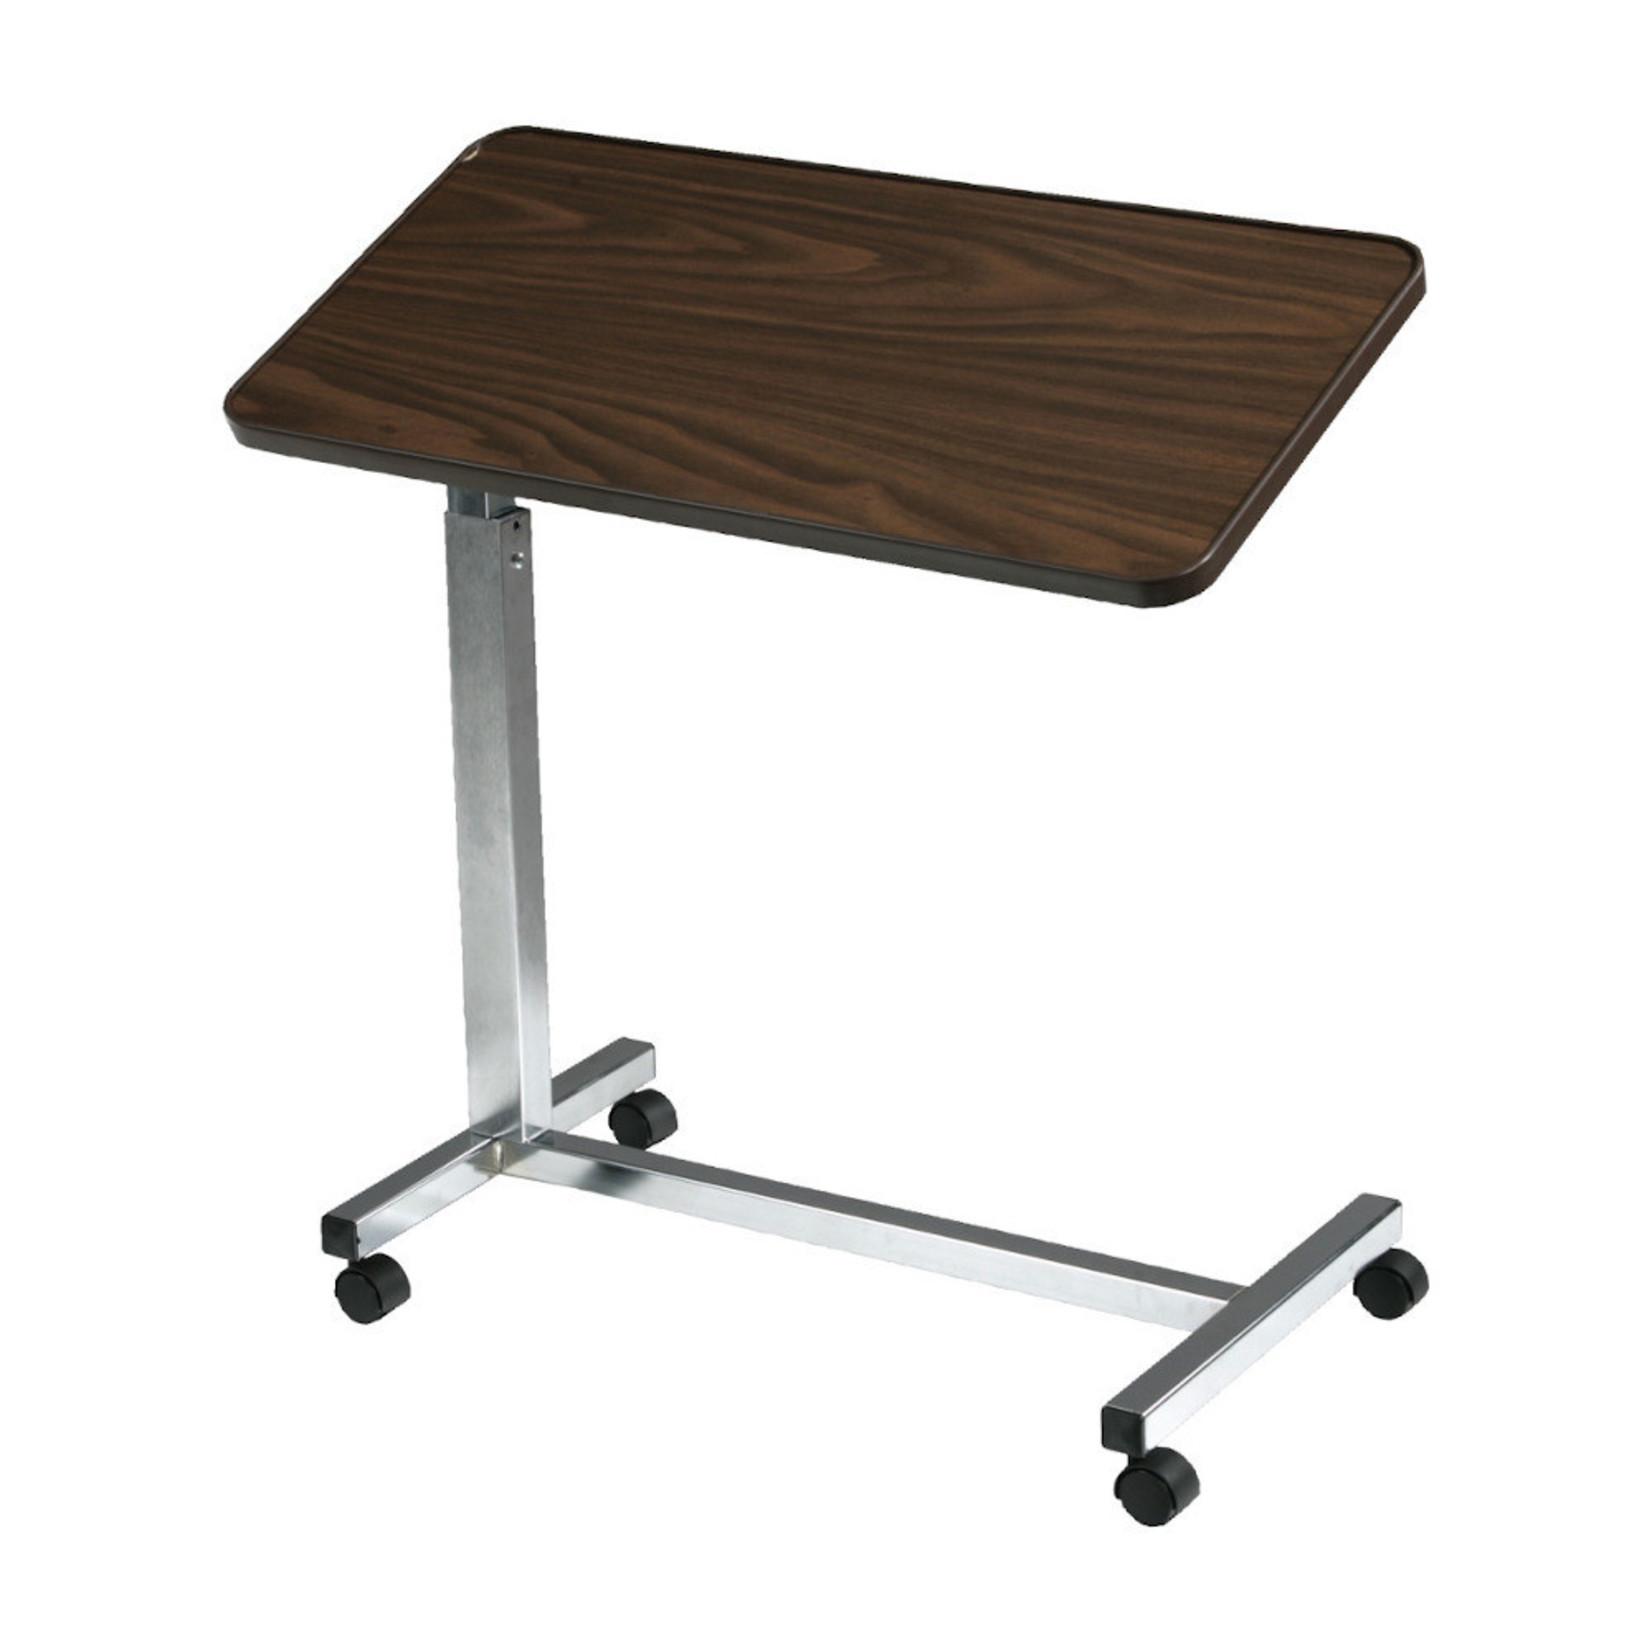 Drive Medical Overbed Table - Tilt